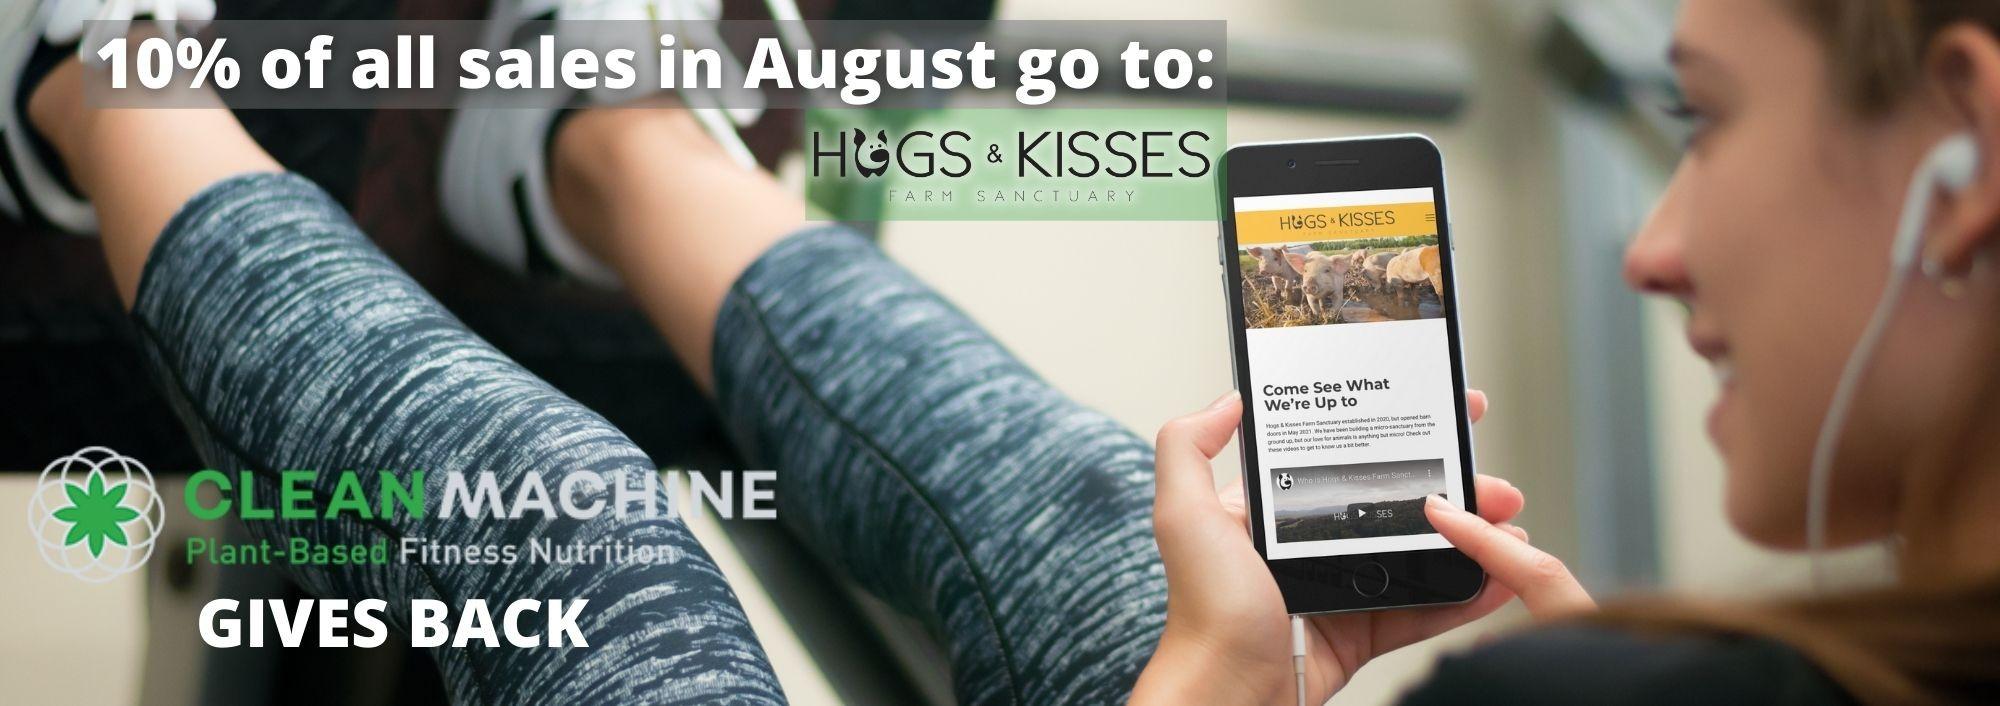 hogs and kisses giveback desktop